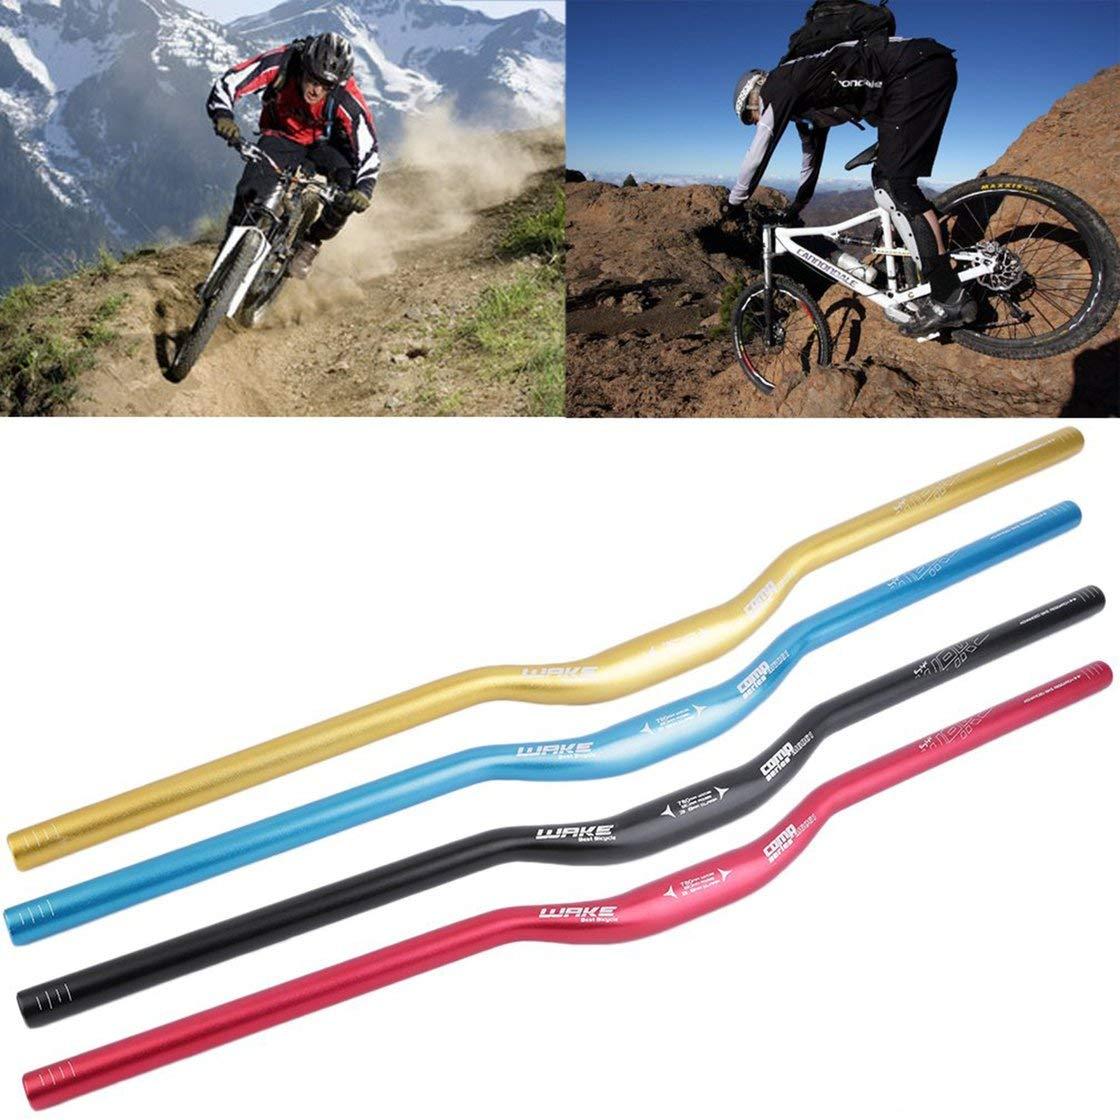 Laurelmartina Universal 780 mm MTB Bicicleta de monta/ña Bicicleta aleaci/ón de Aluminio Riser pr/ácticos manillares Tubos de manija de Repuesto